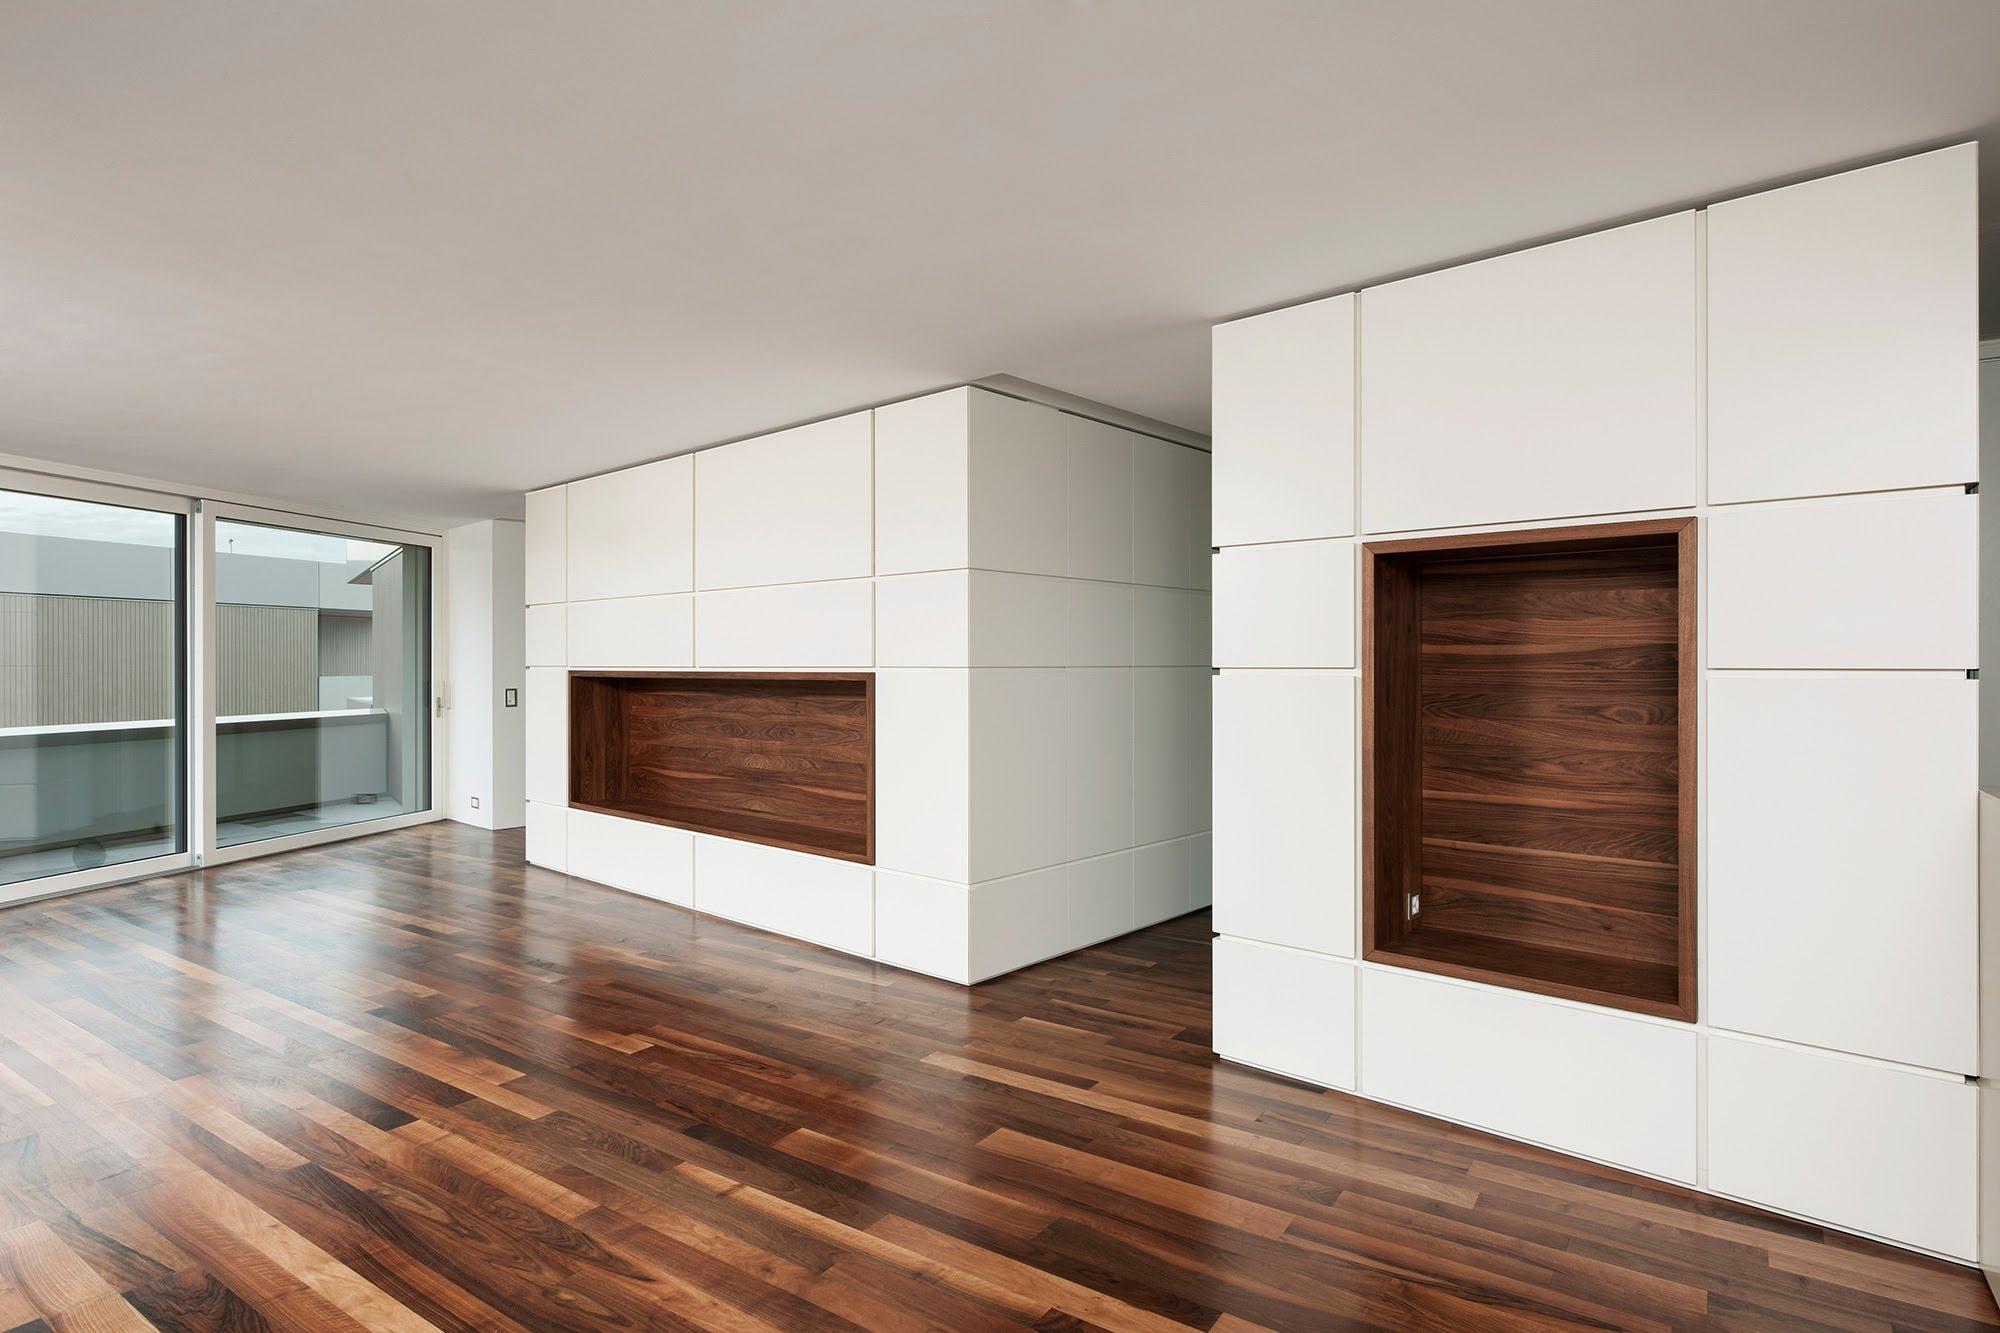 Wohnzimmer-Einbaumöblierung - Raumgestaltung & Innenarchitektur-Küchen werden immer mehr zum Ort der Begegnung - Sursee, Willisau, Aargau, Zentralschweiz, Luzern, Zofingen